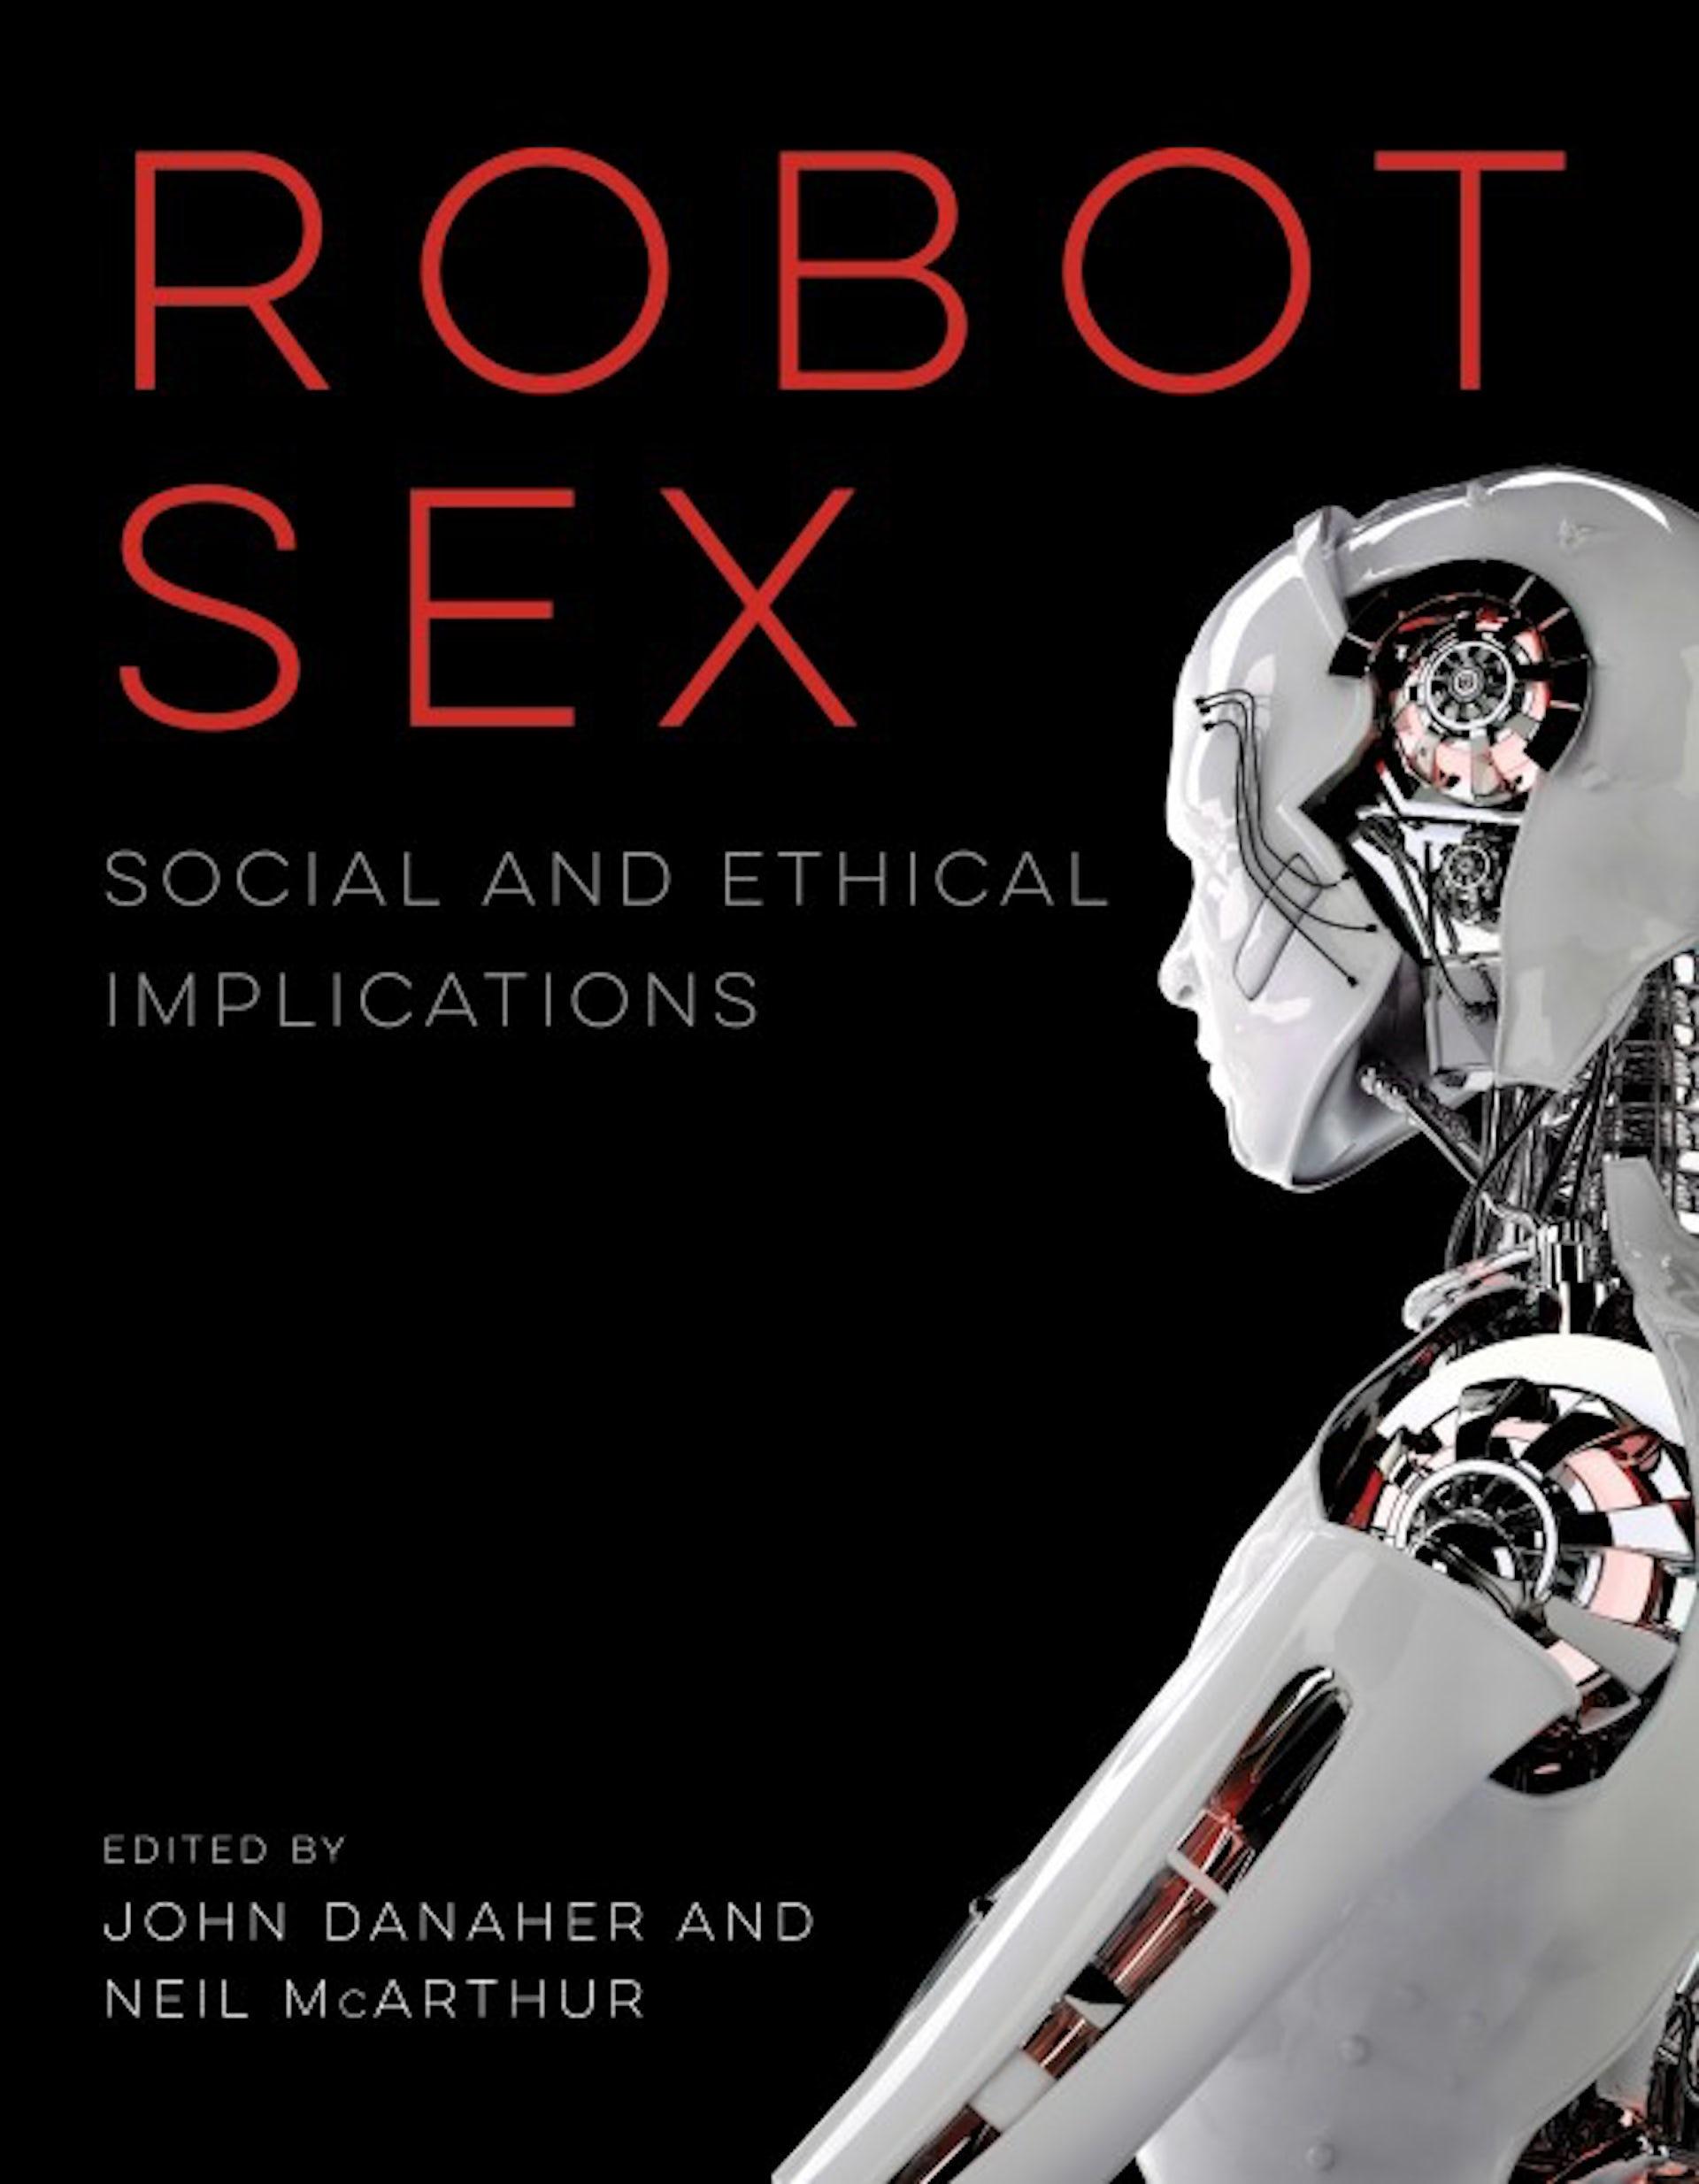 Sexe lesbienne robot